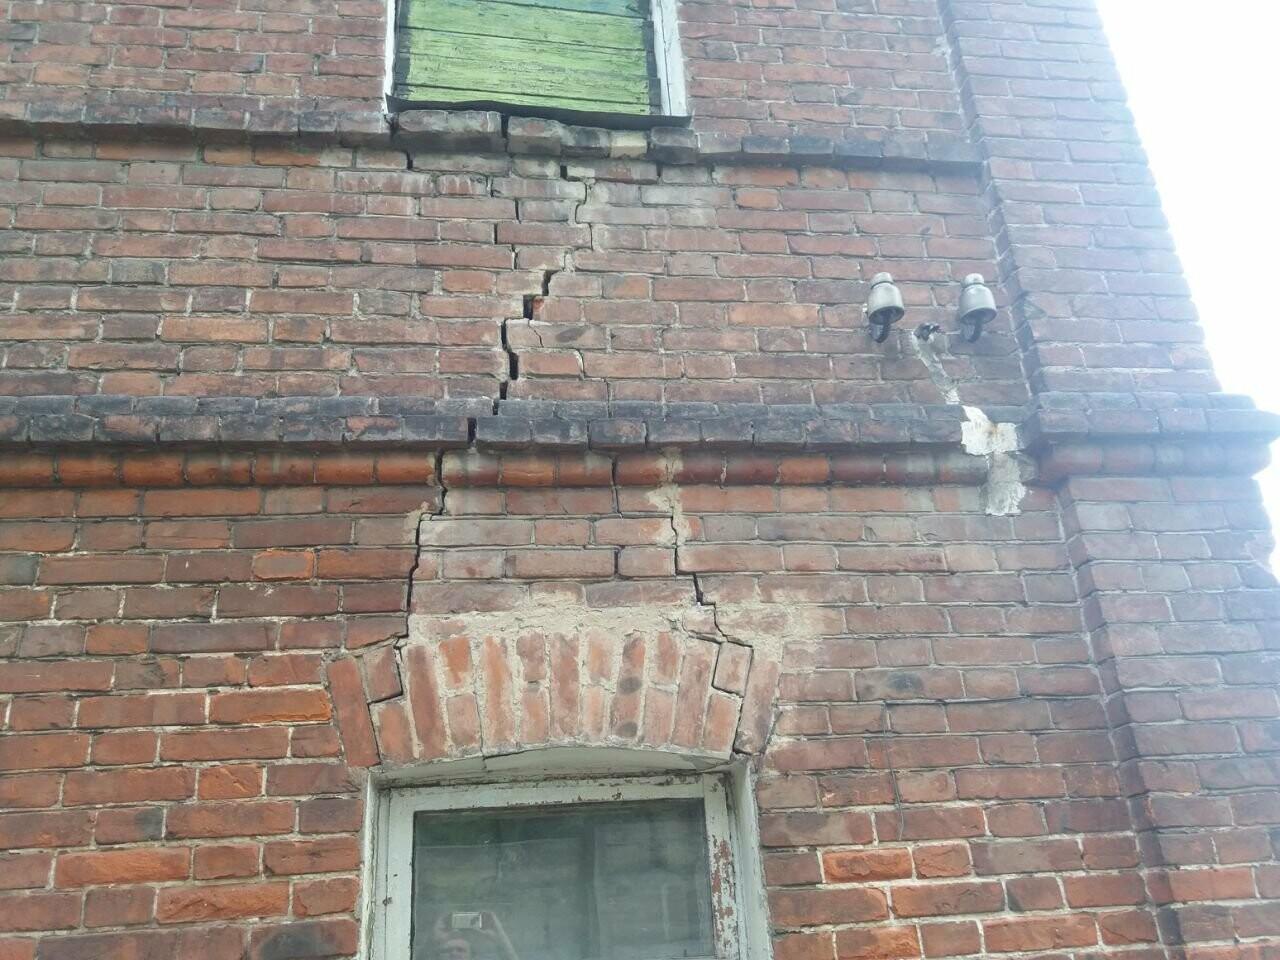 10 лет без ремонта: почему в Харькове не спешат восстанавливать аварийный дом, - ФОТО, фото-29